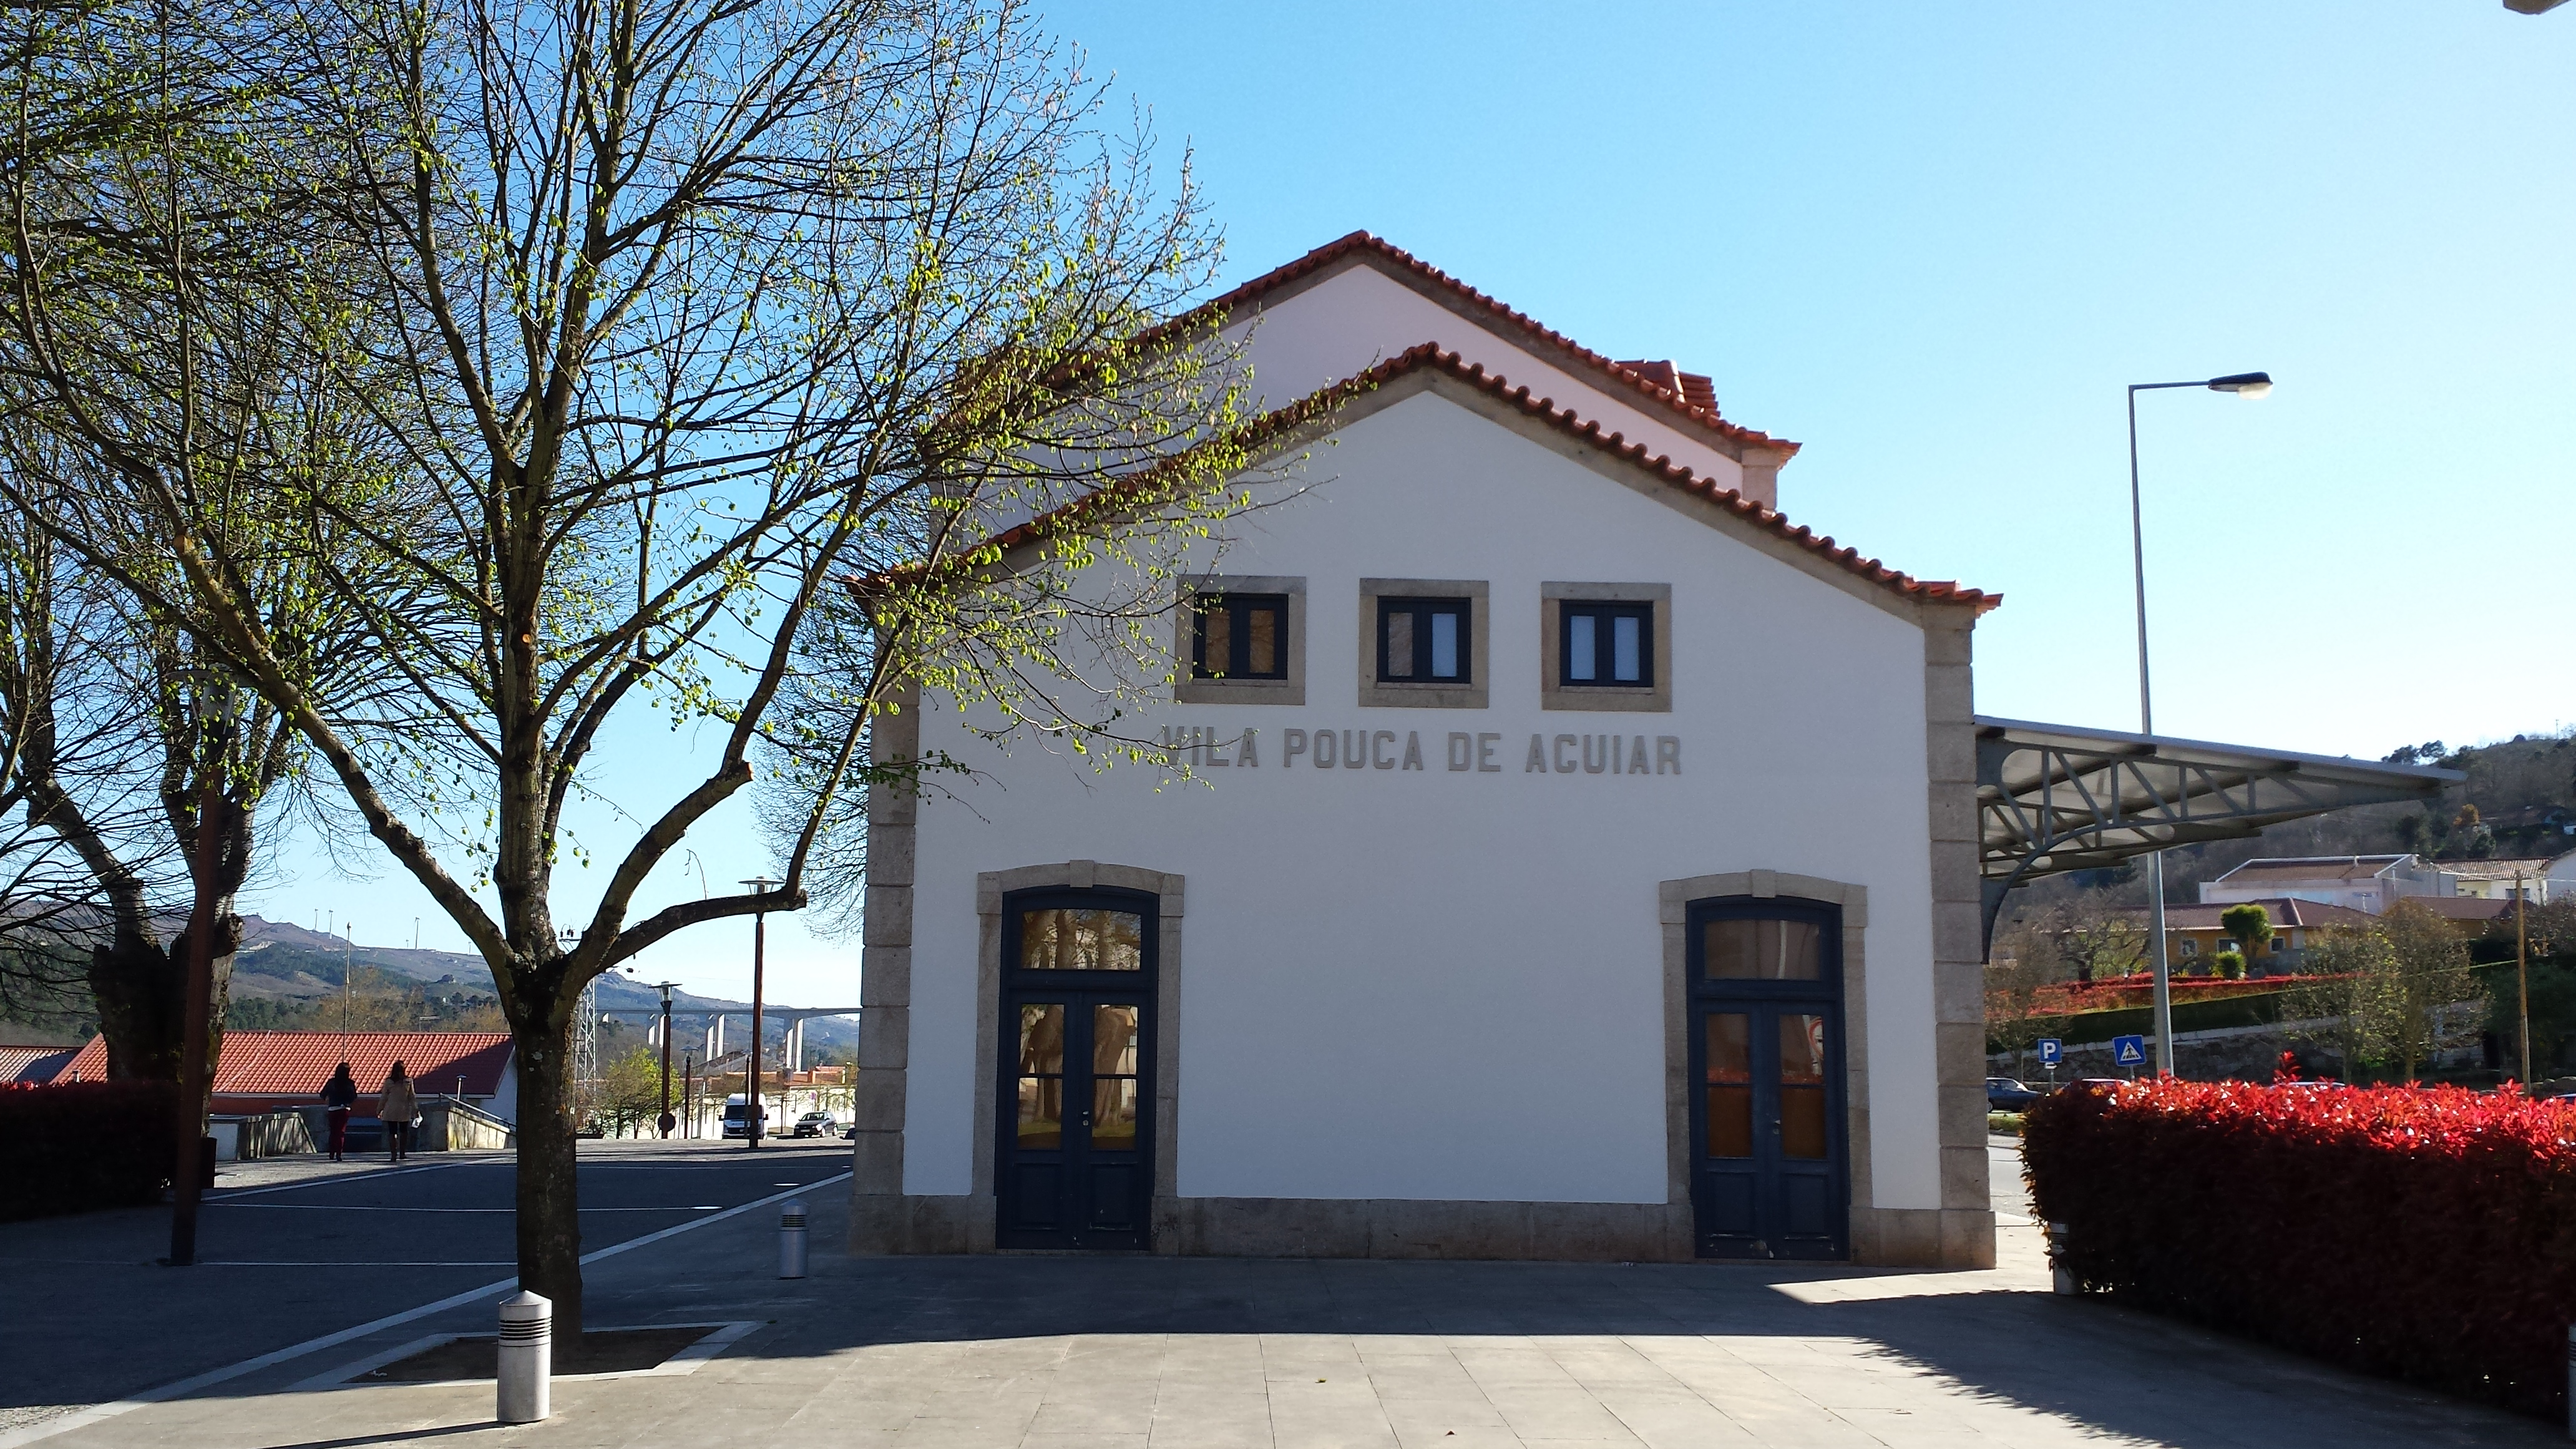 File:5450 Vila Pouca de Aguiar, Portugal - panoramio (3 ...